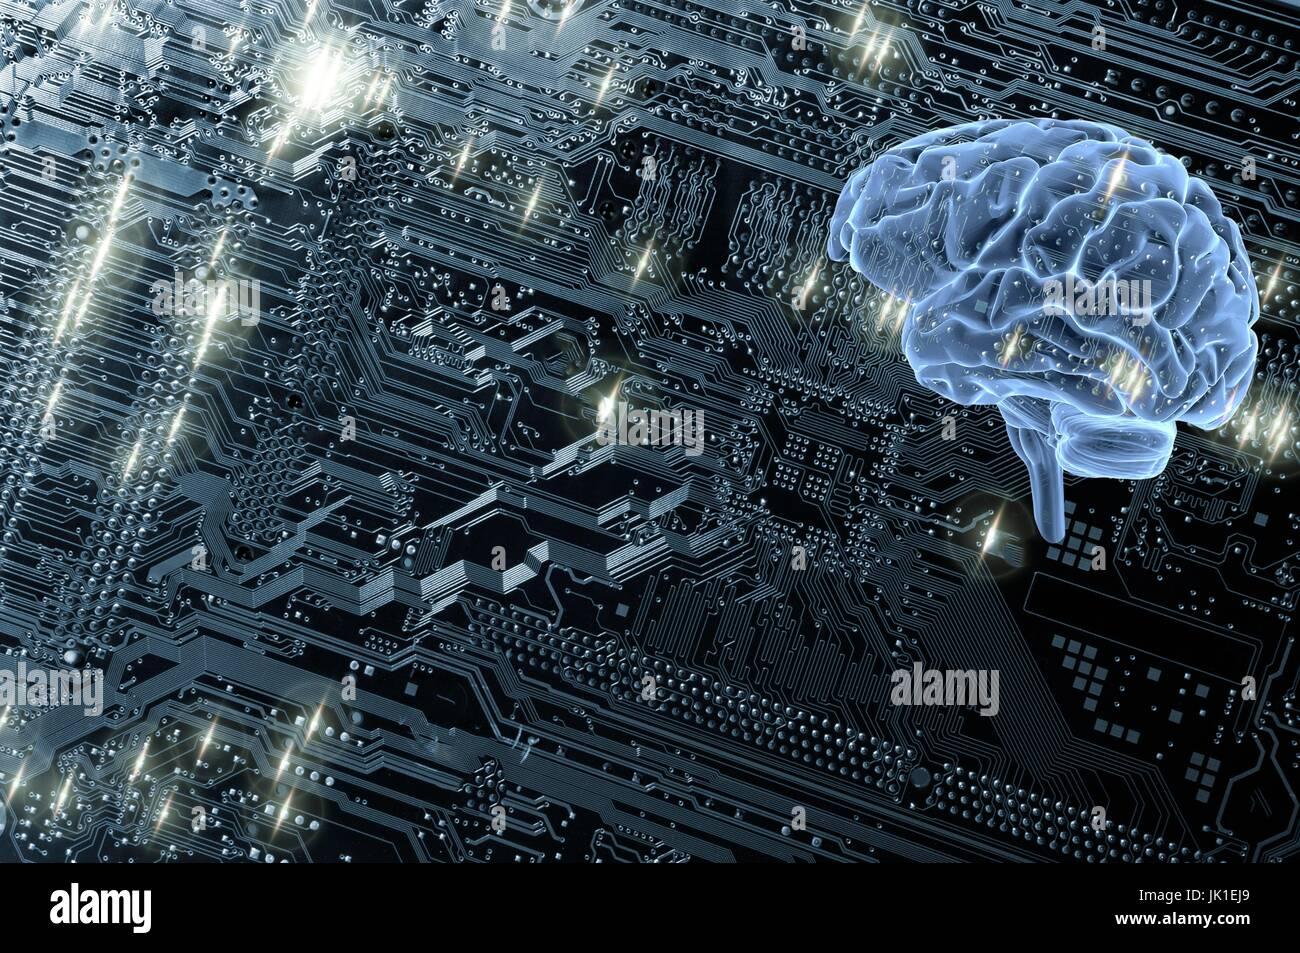 Cerebro Humano contra una placa de circuitos de computadora, inteligencia artificial y comunicación. Foto de stock